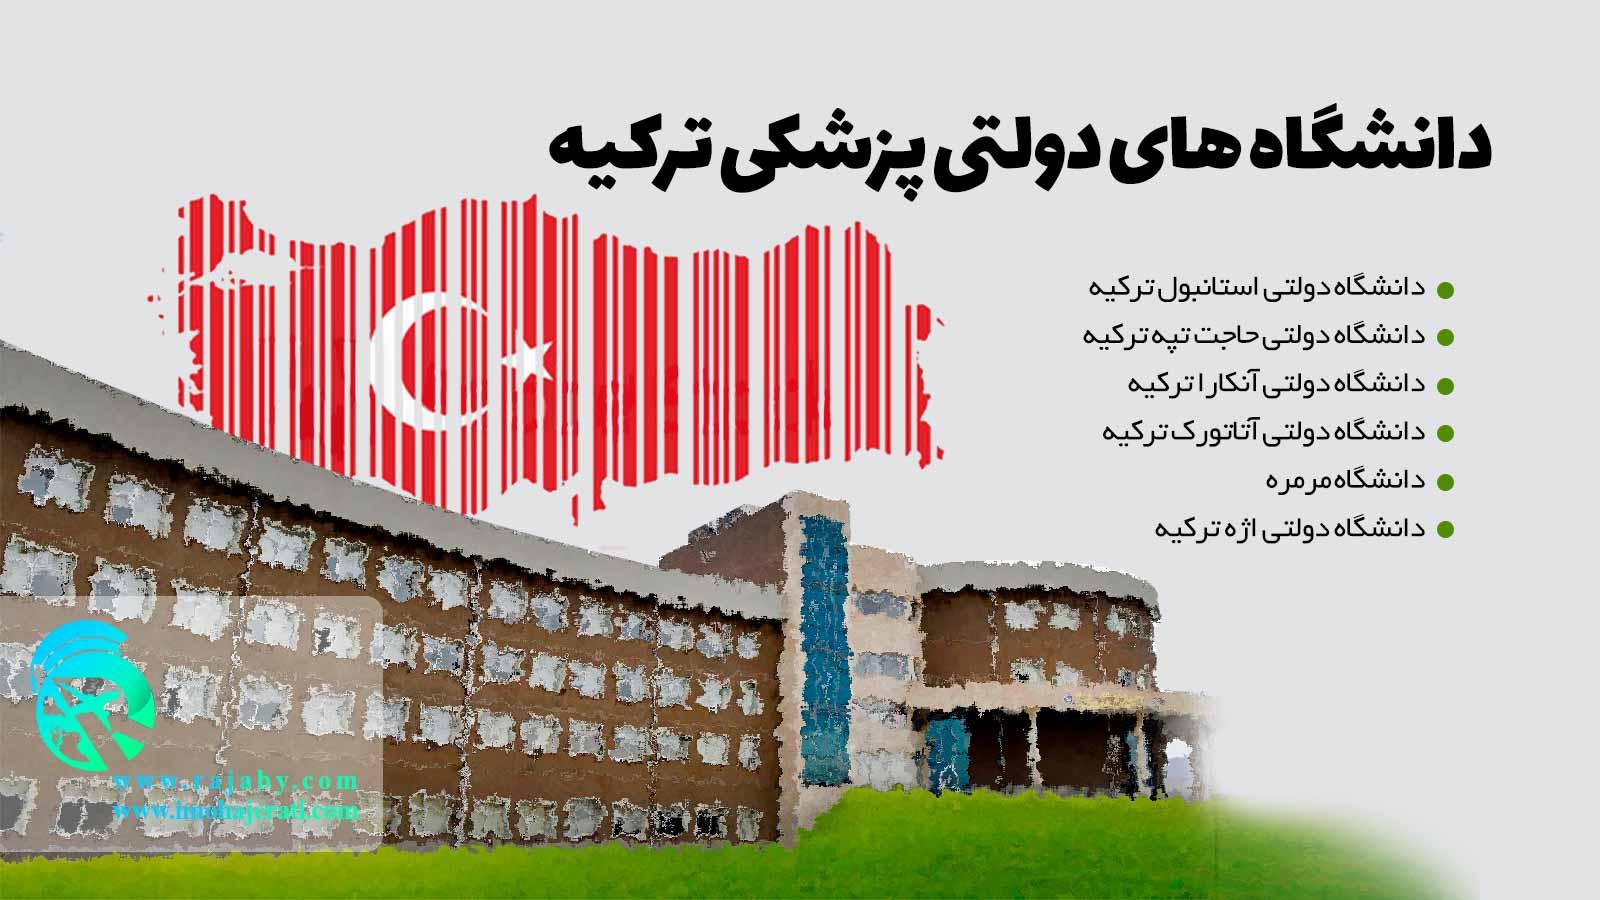 دانشگاه های دولتی پزشکی ترکیه